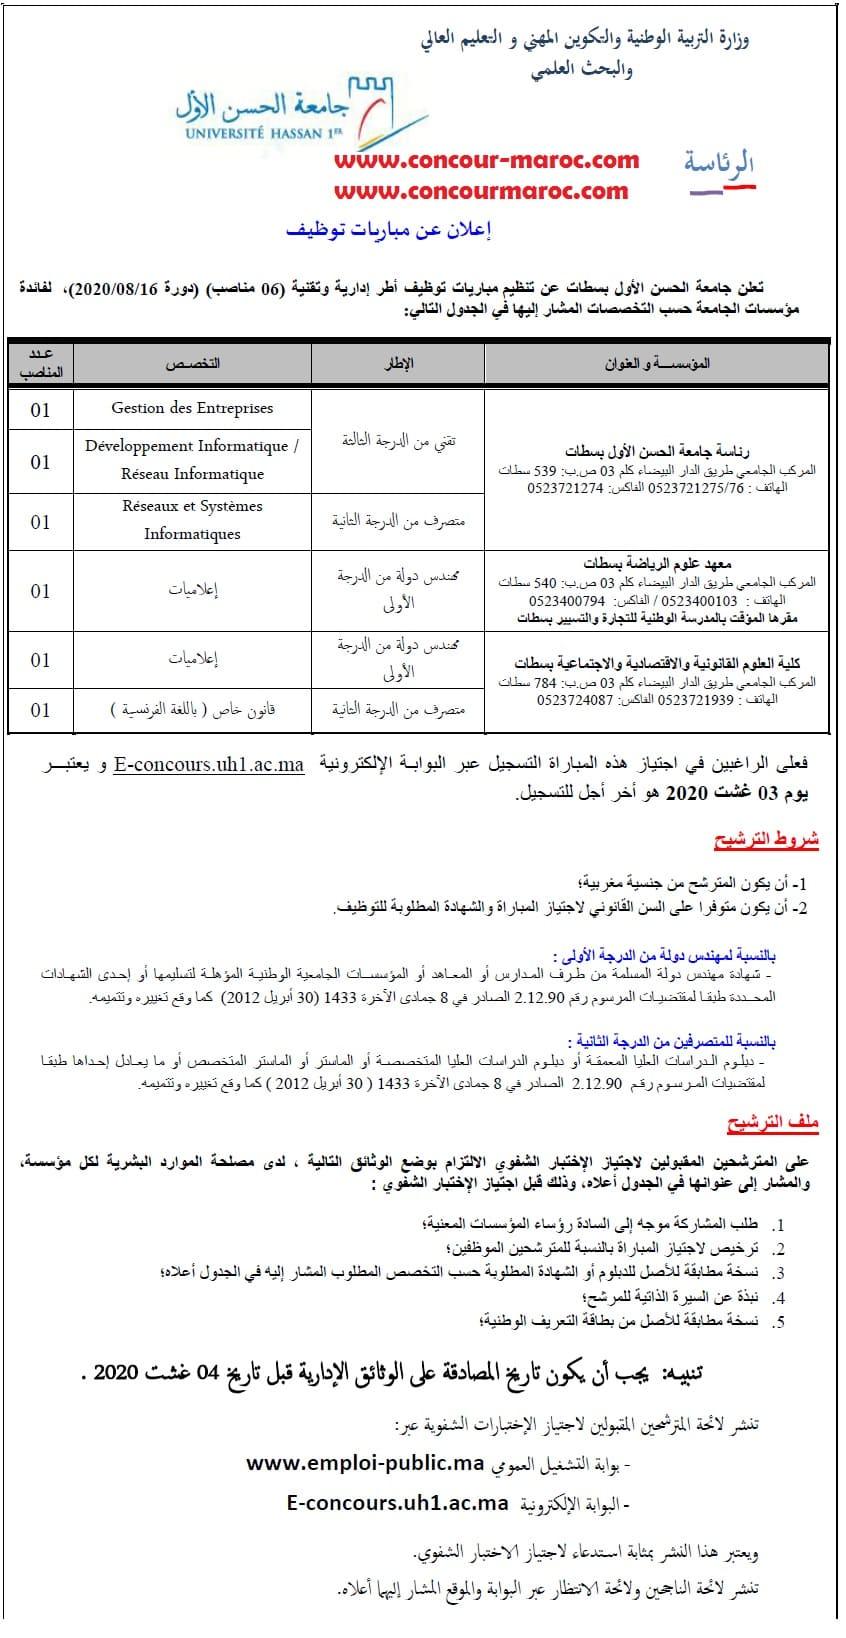 جامعة الحسن الأول - سطات : مباراة توظيف تقنيين و أطر إدارية وتقنية آخر أجل للتسجيل 3 غشت 2020 Conco111